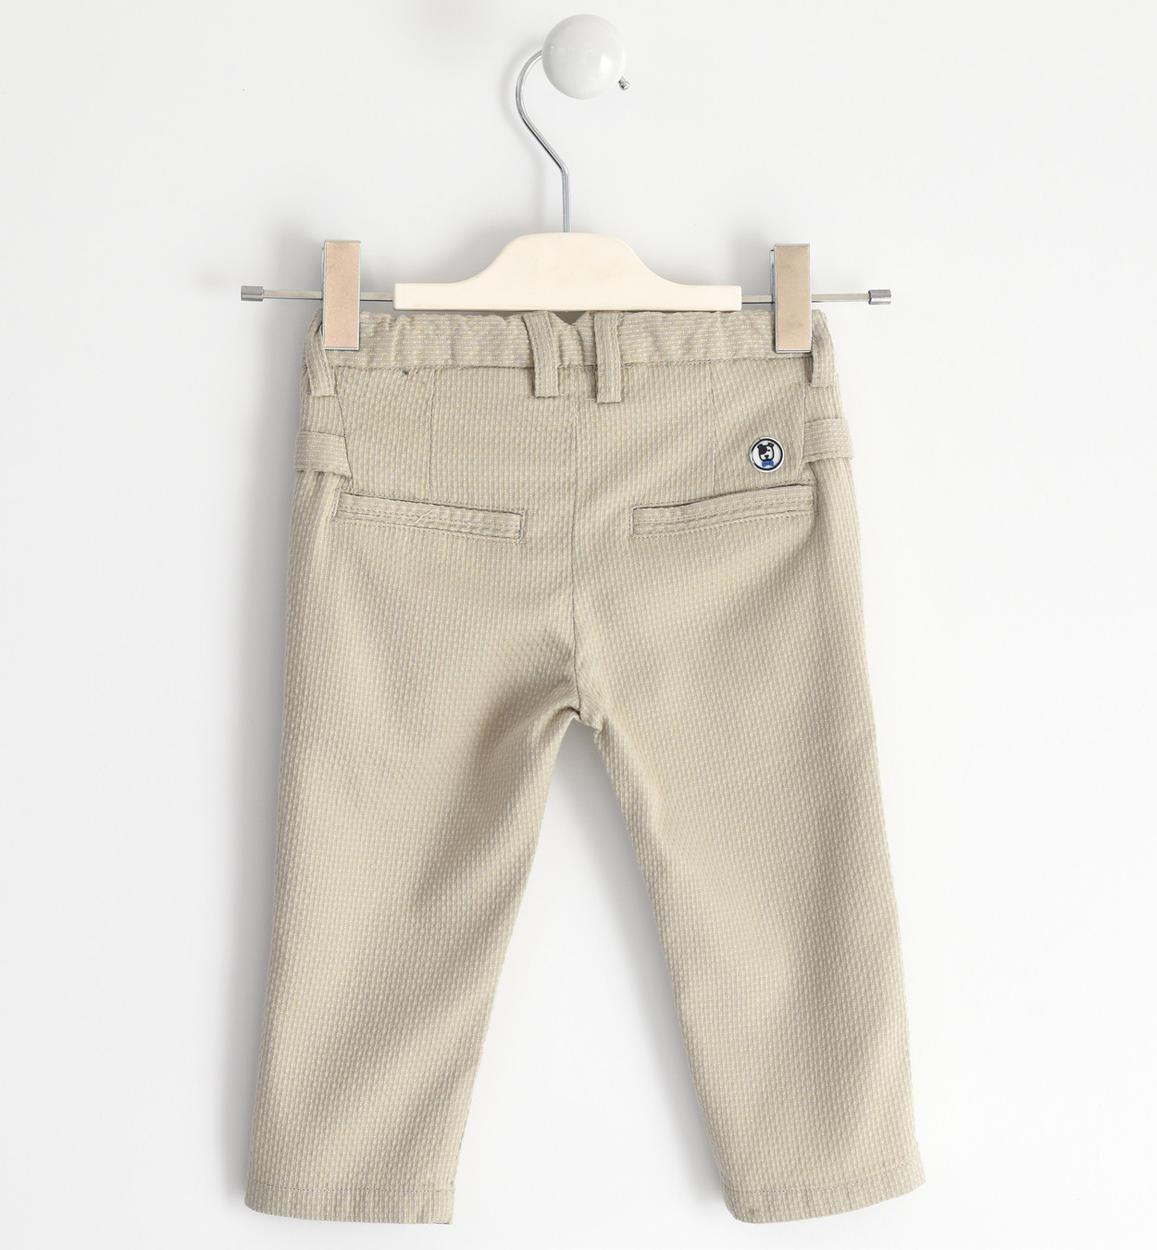 elegante pantalone in tessuto operato di beige retro 02 1220j14200 0435 150x150